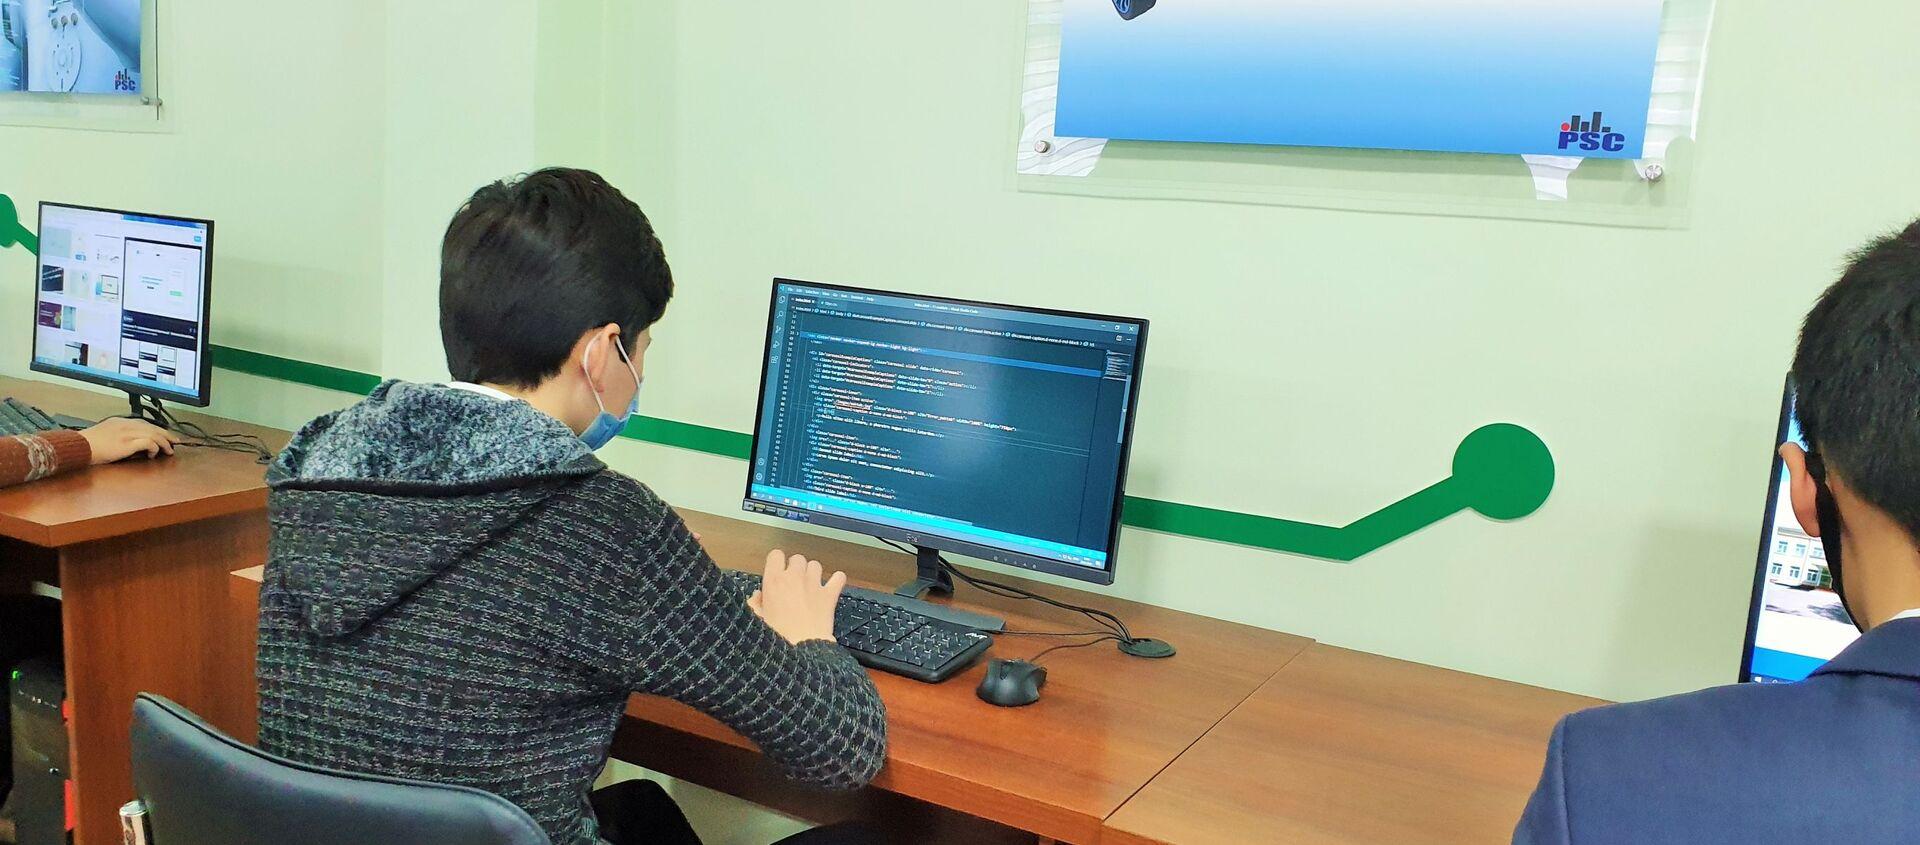 В Гулистане открылась школа с углубленным изучением информационных технологий - Sputnik Узбекистан, 1920, 29.01.2021